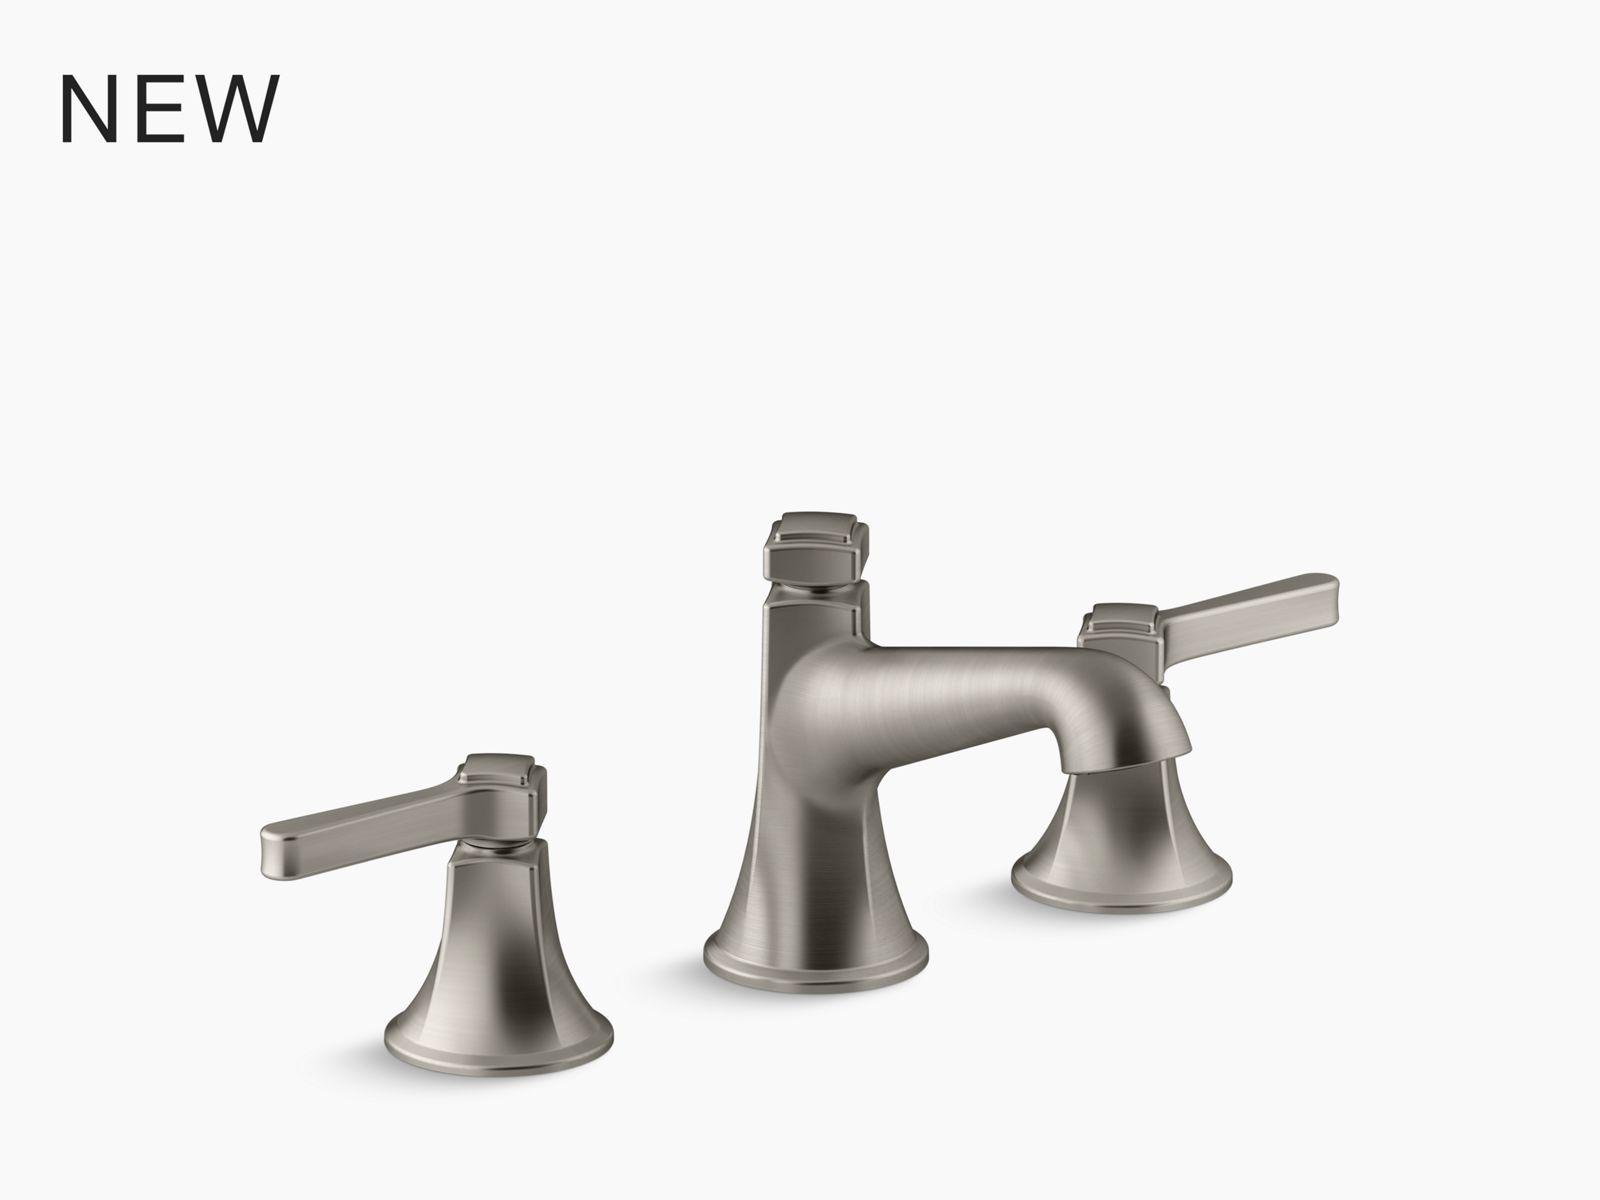 devonshire bath or deck mount bath faucet trim with spout and lever handles